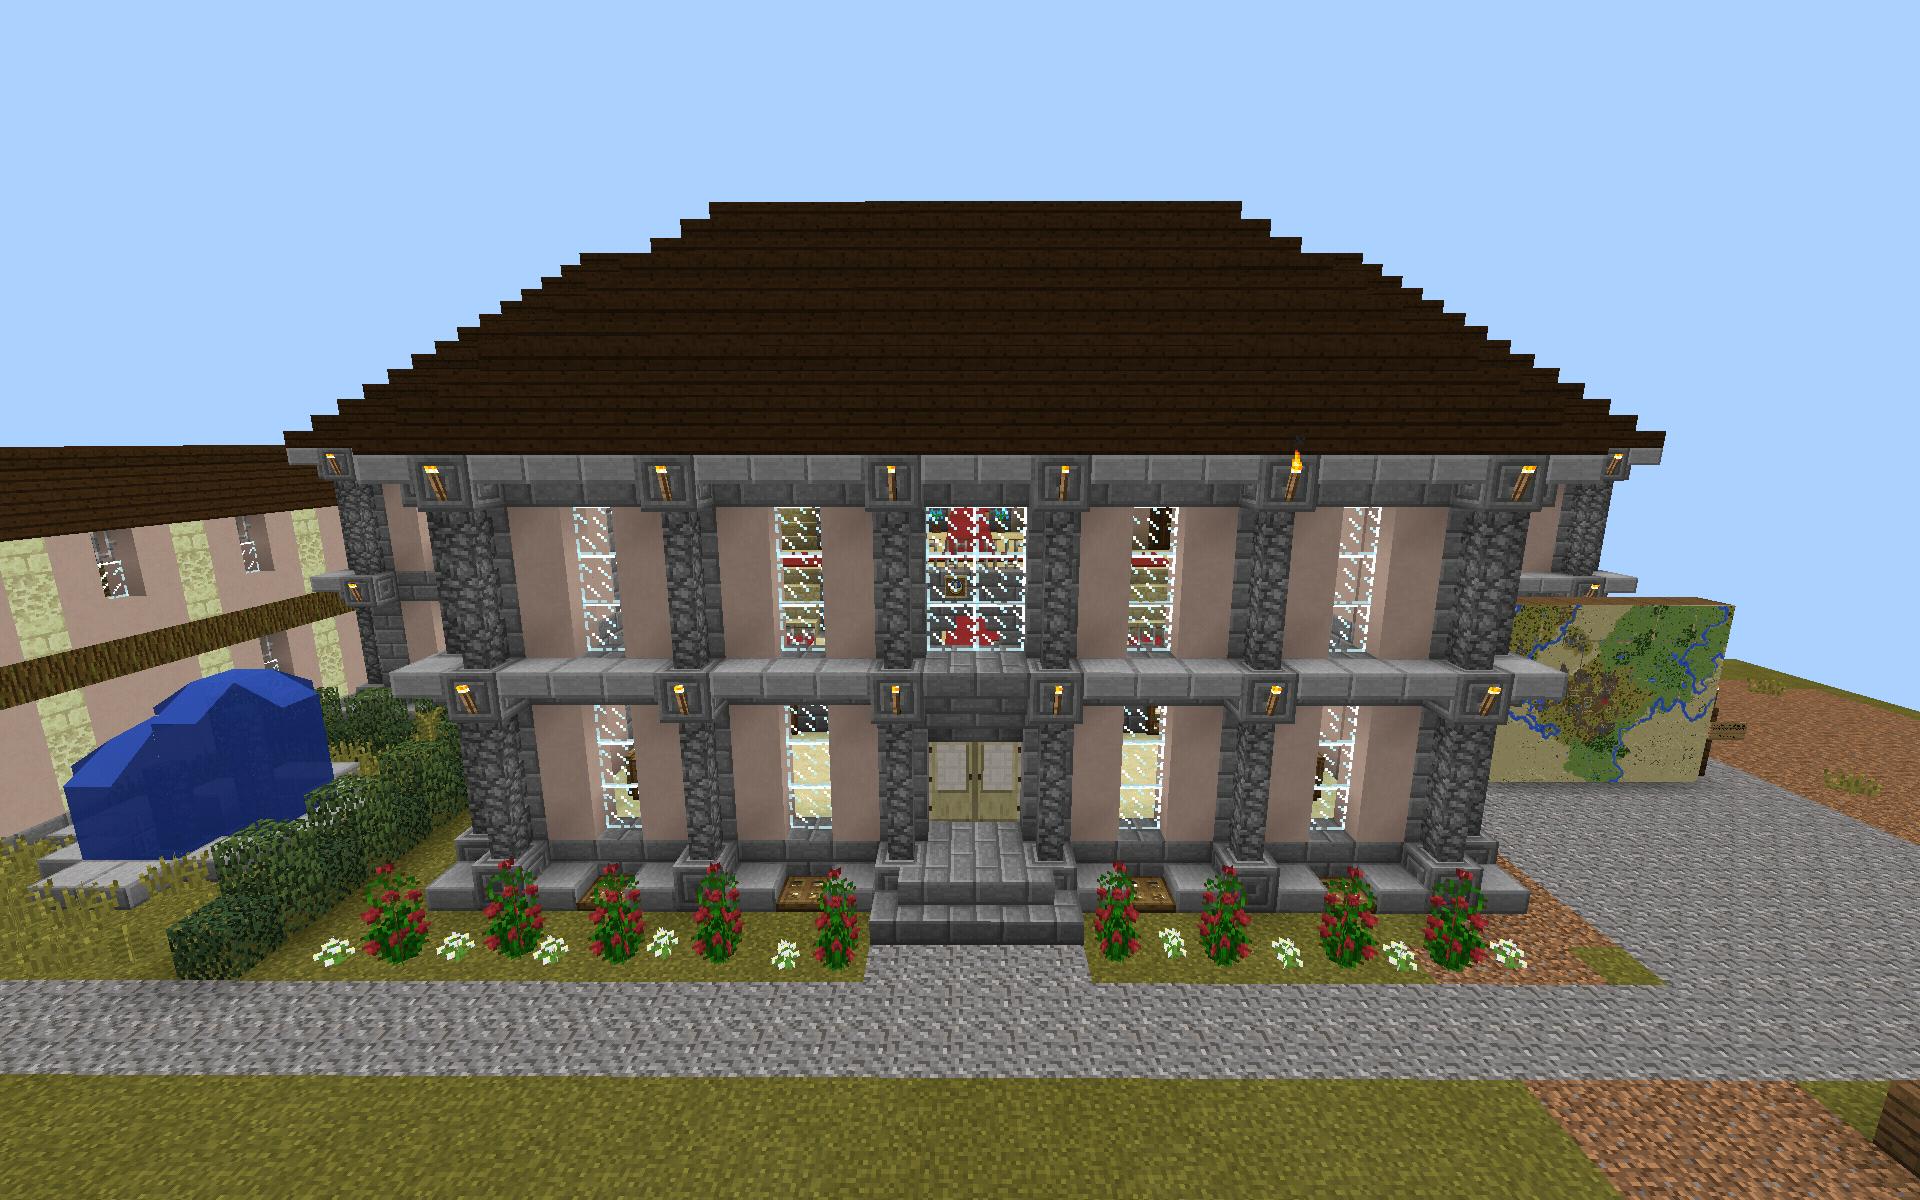 ᐅ Schloss Mohn Von Mohnzing In Minecraft Bauen Minecraft Bauideen De